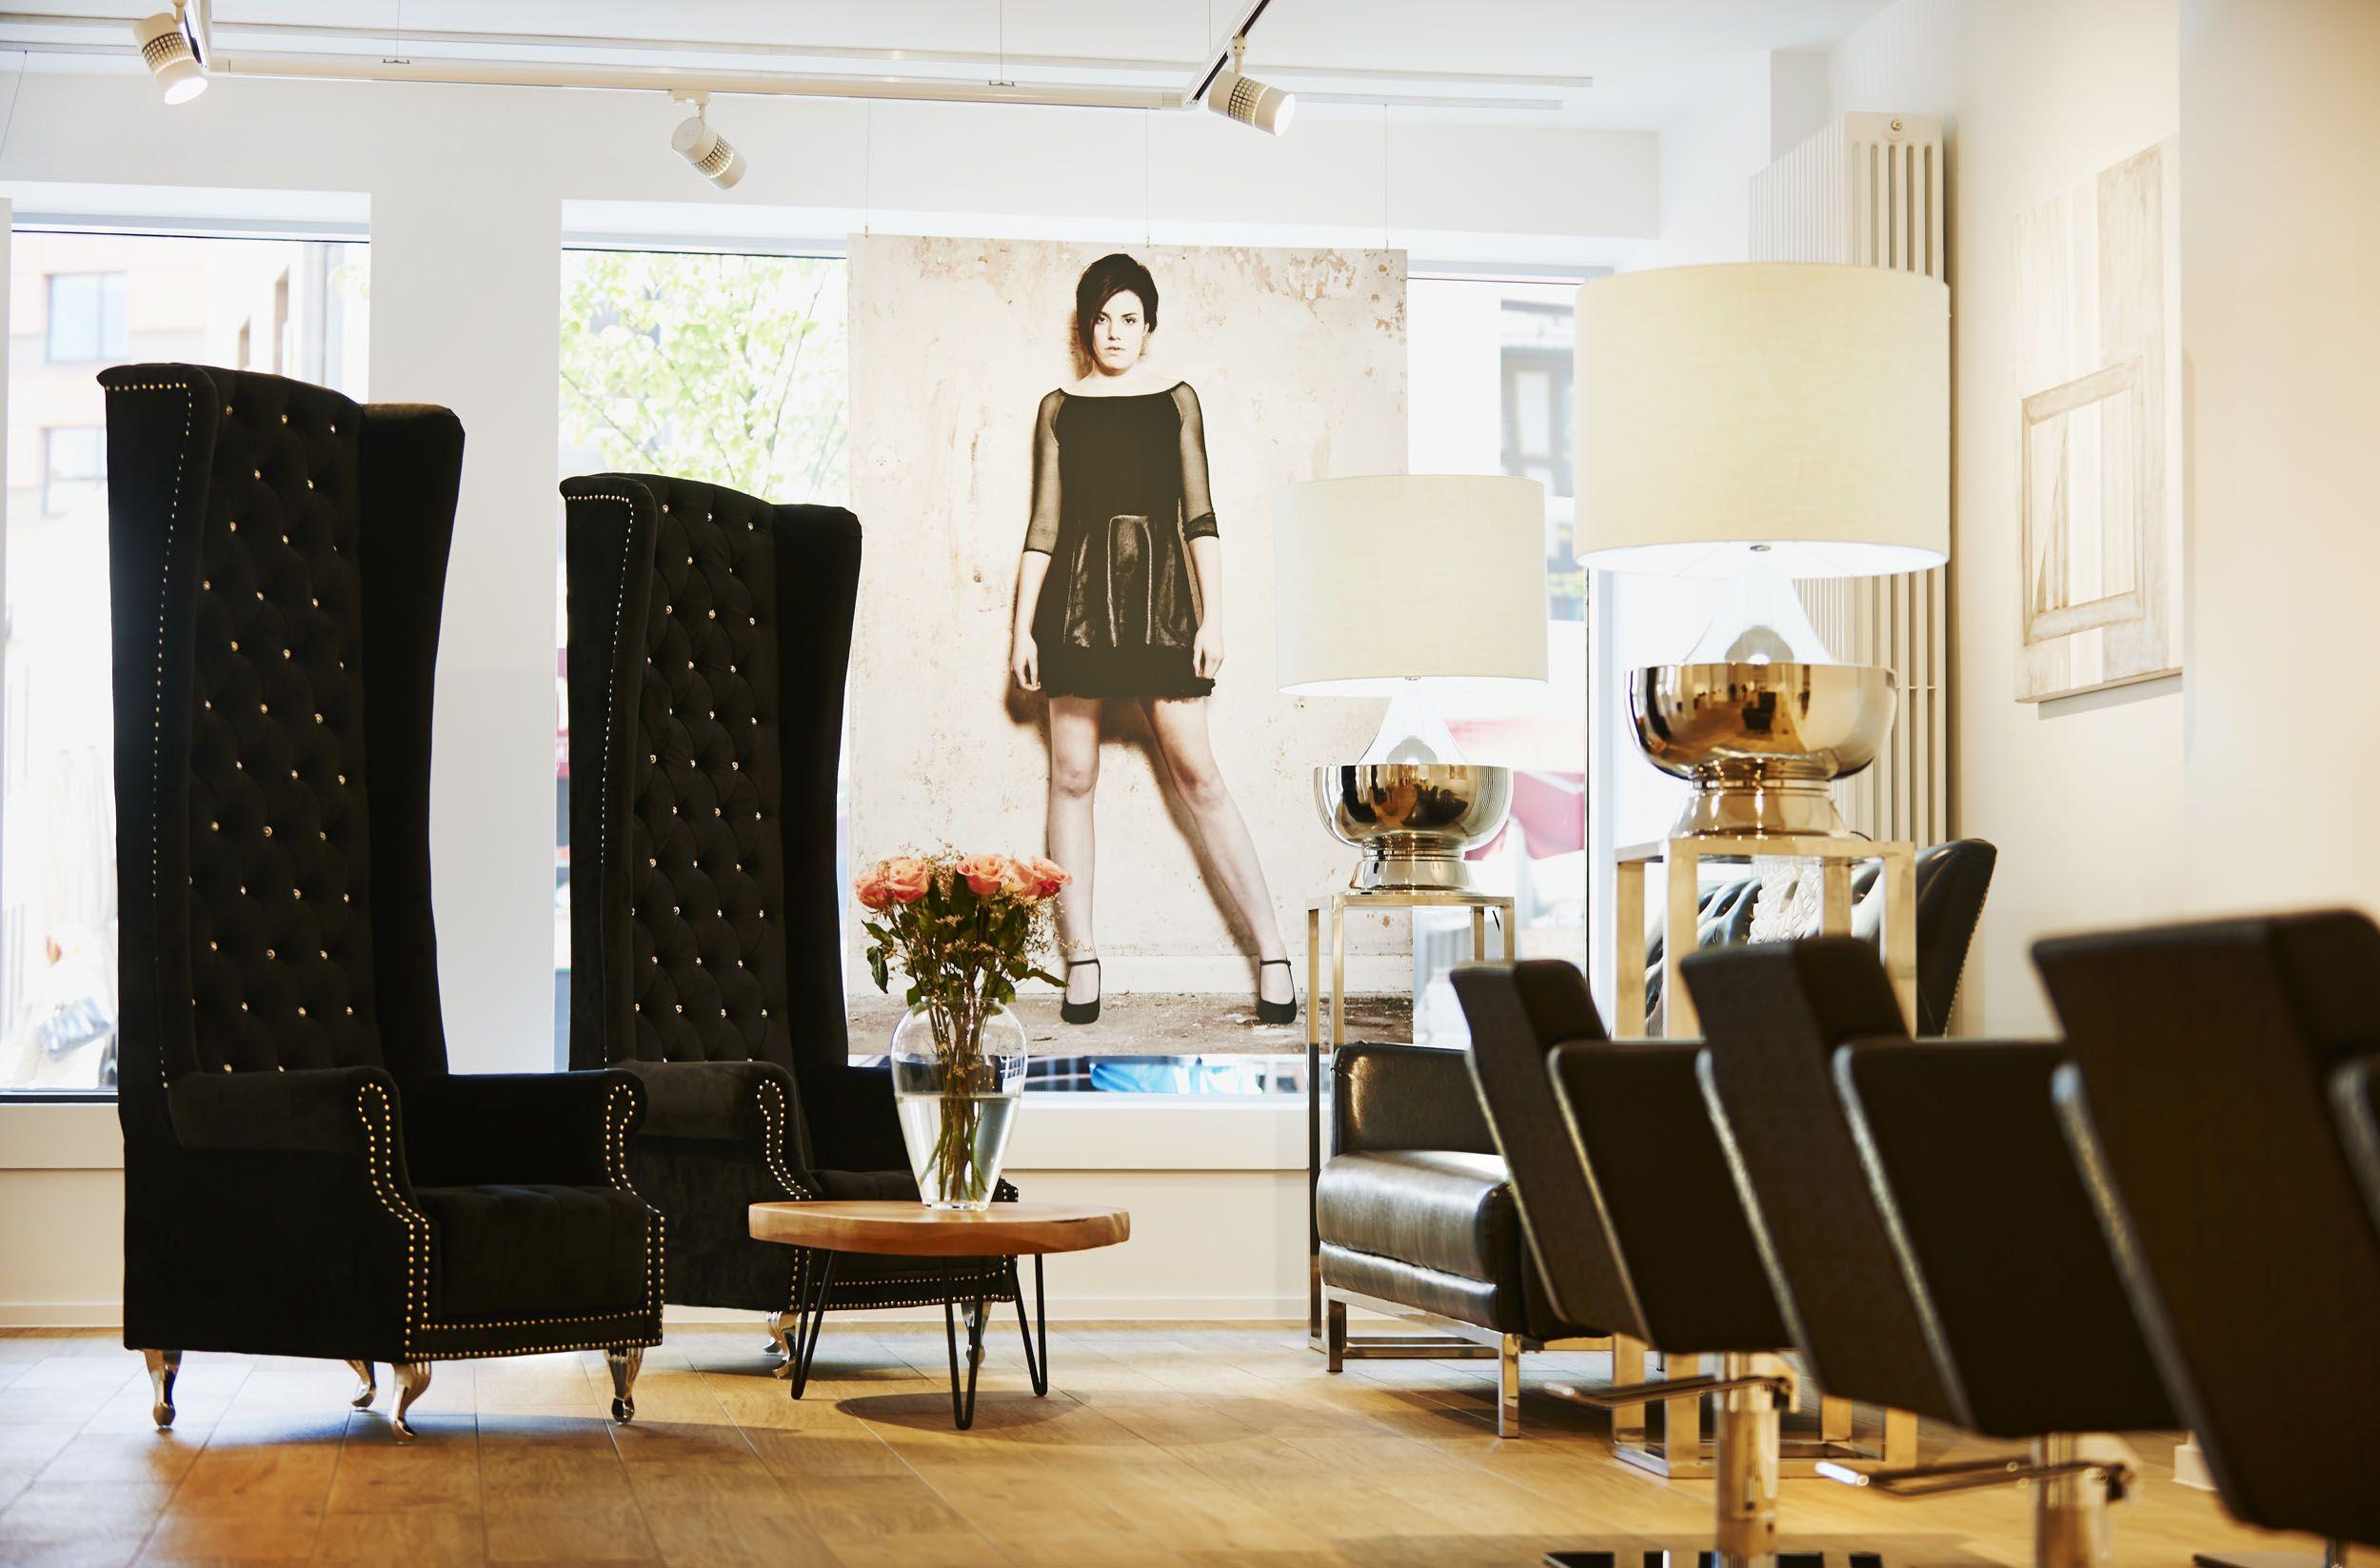 Linn Hairstyle - Ihr Friseur in Gießen